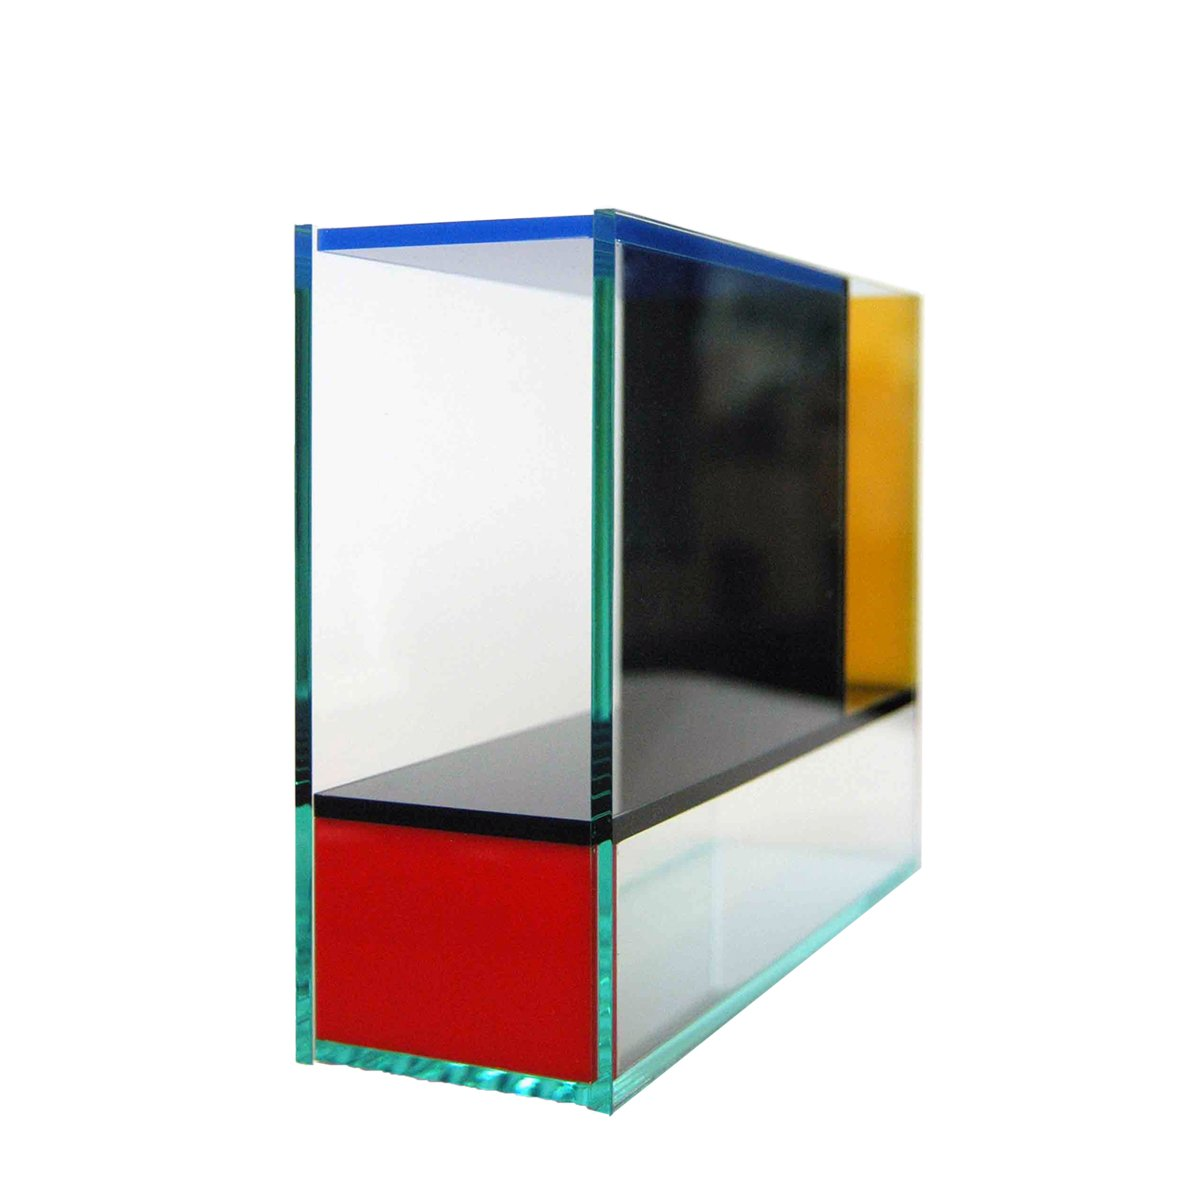 PO Design Mondri Vase